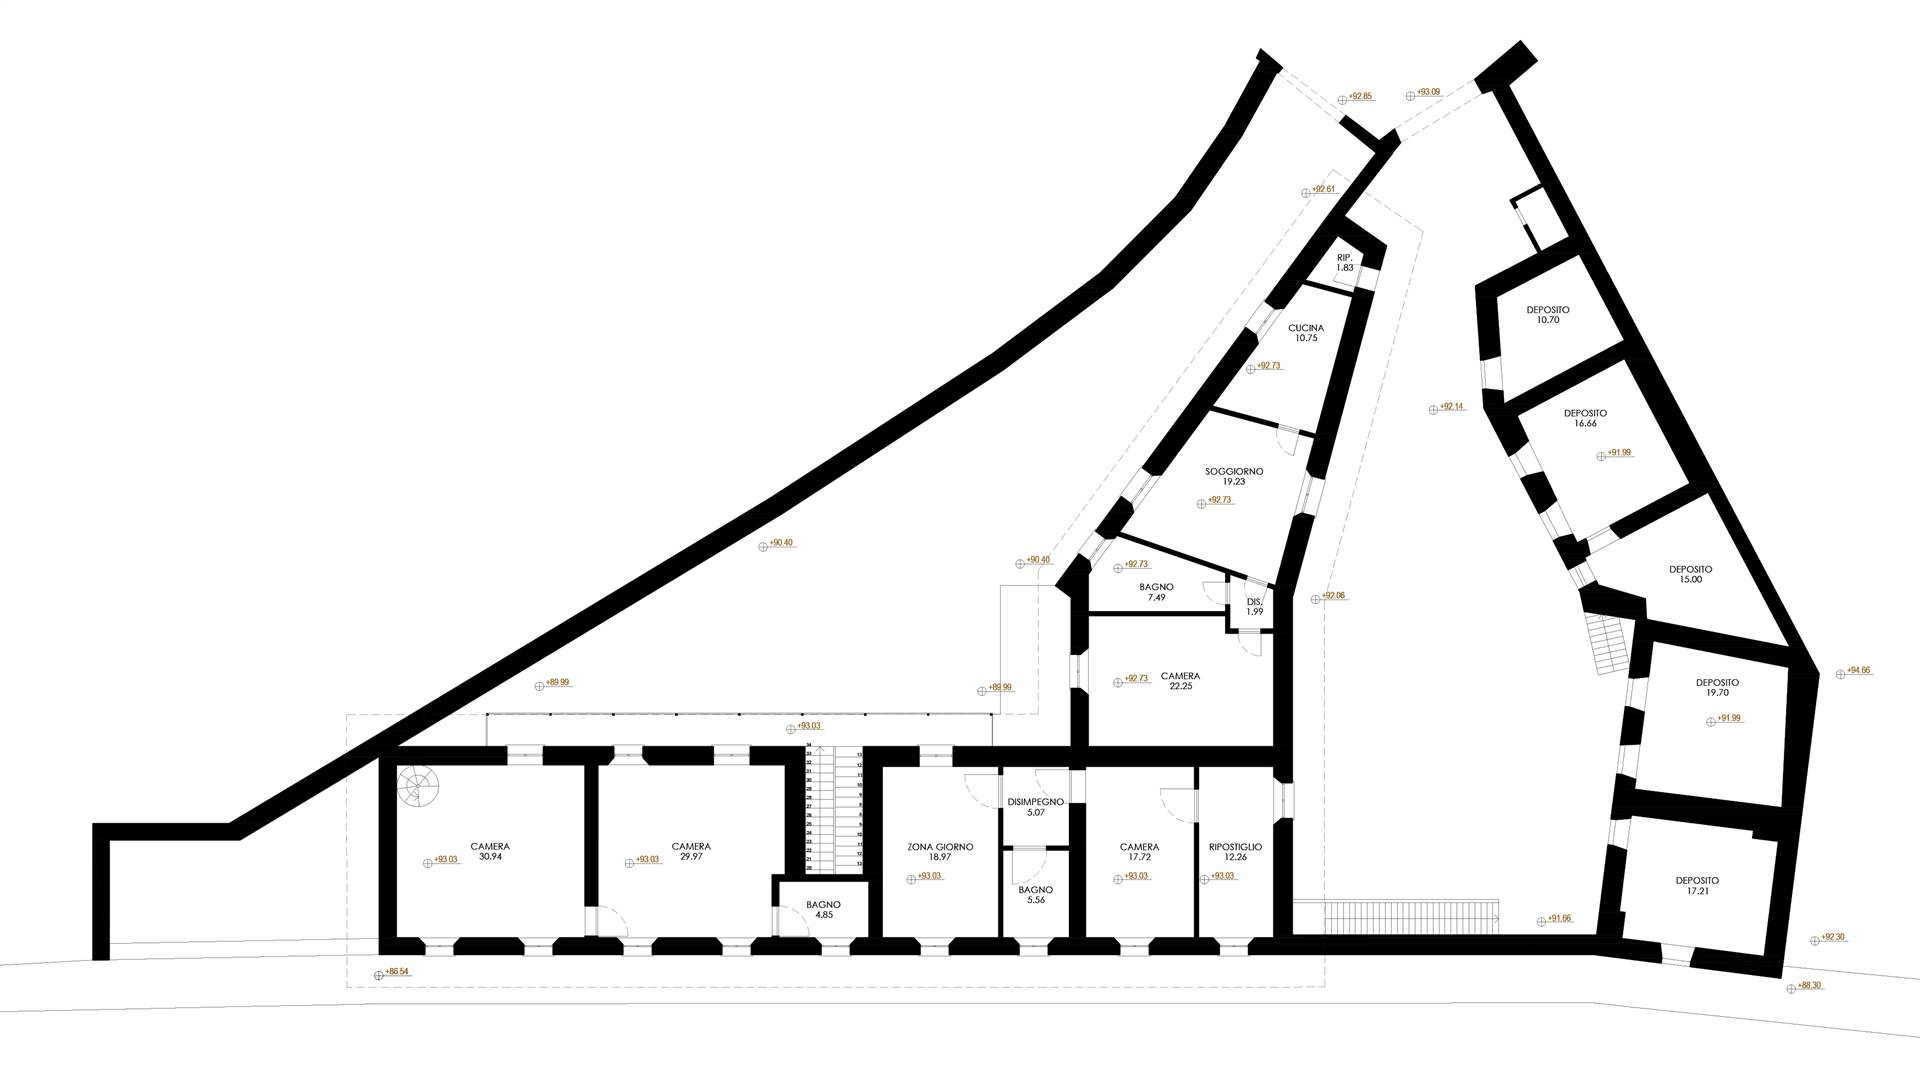 Planimetria dell'esistente piano primo